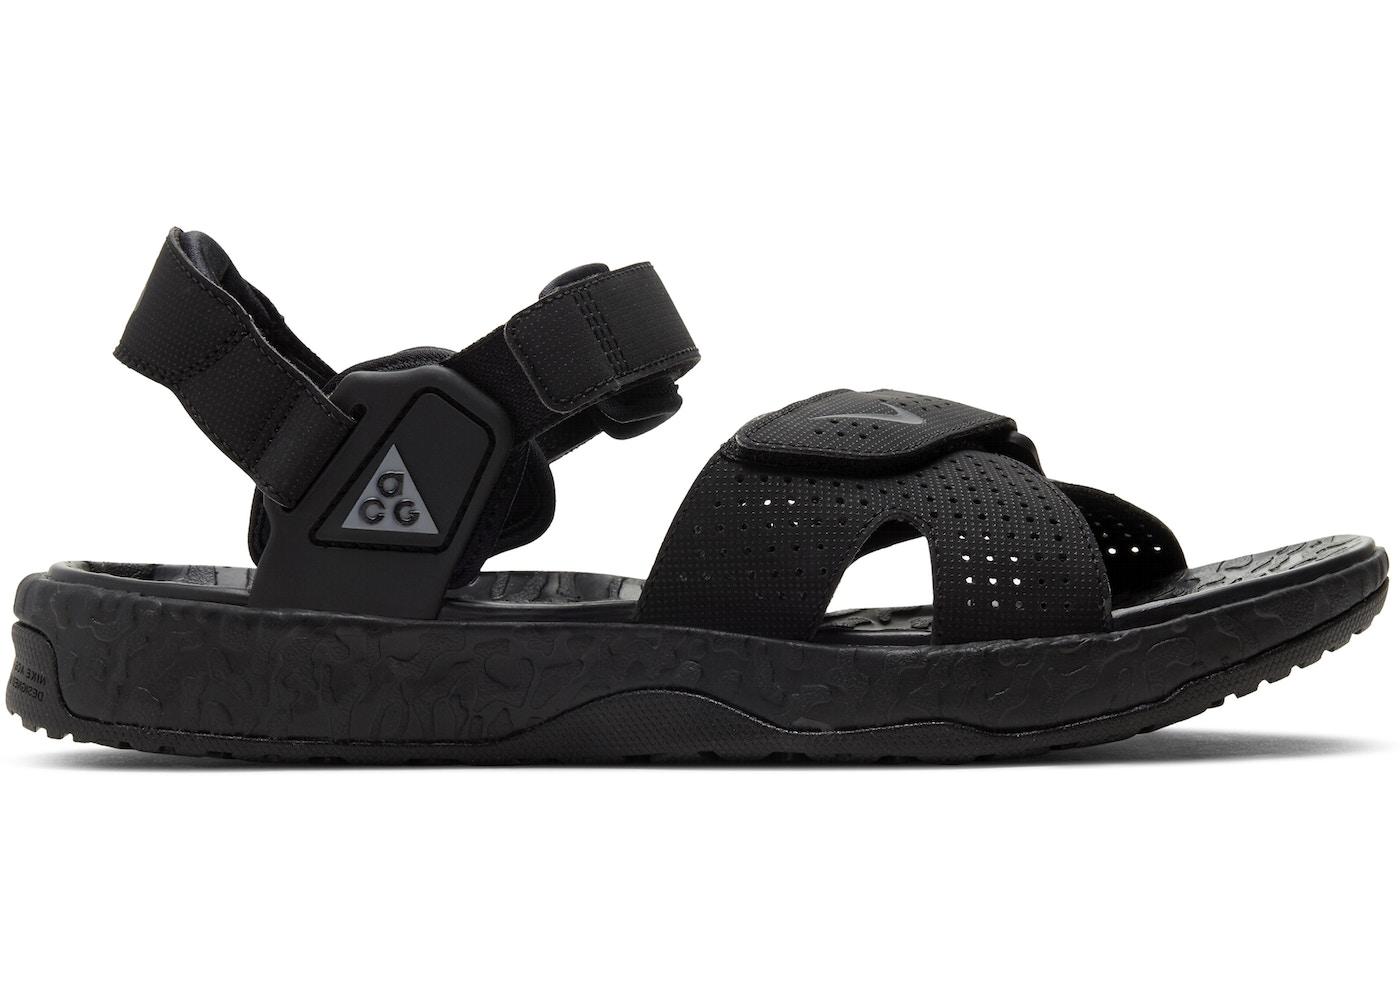 Nike ACG Air Deschutz. Off Noir CT3303-001 Size 9 New DS w